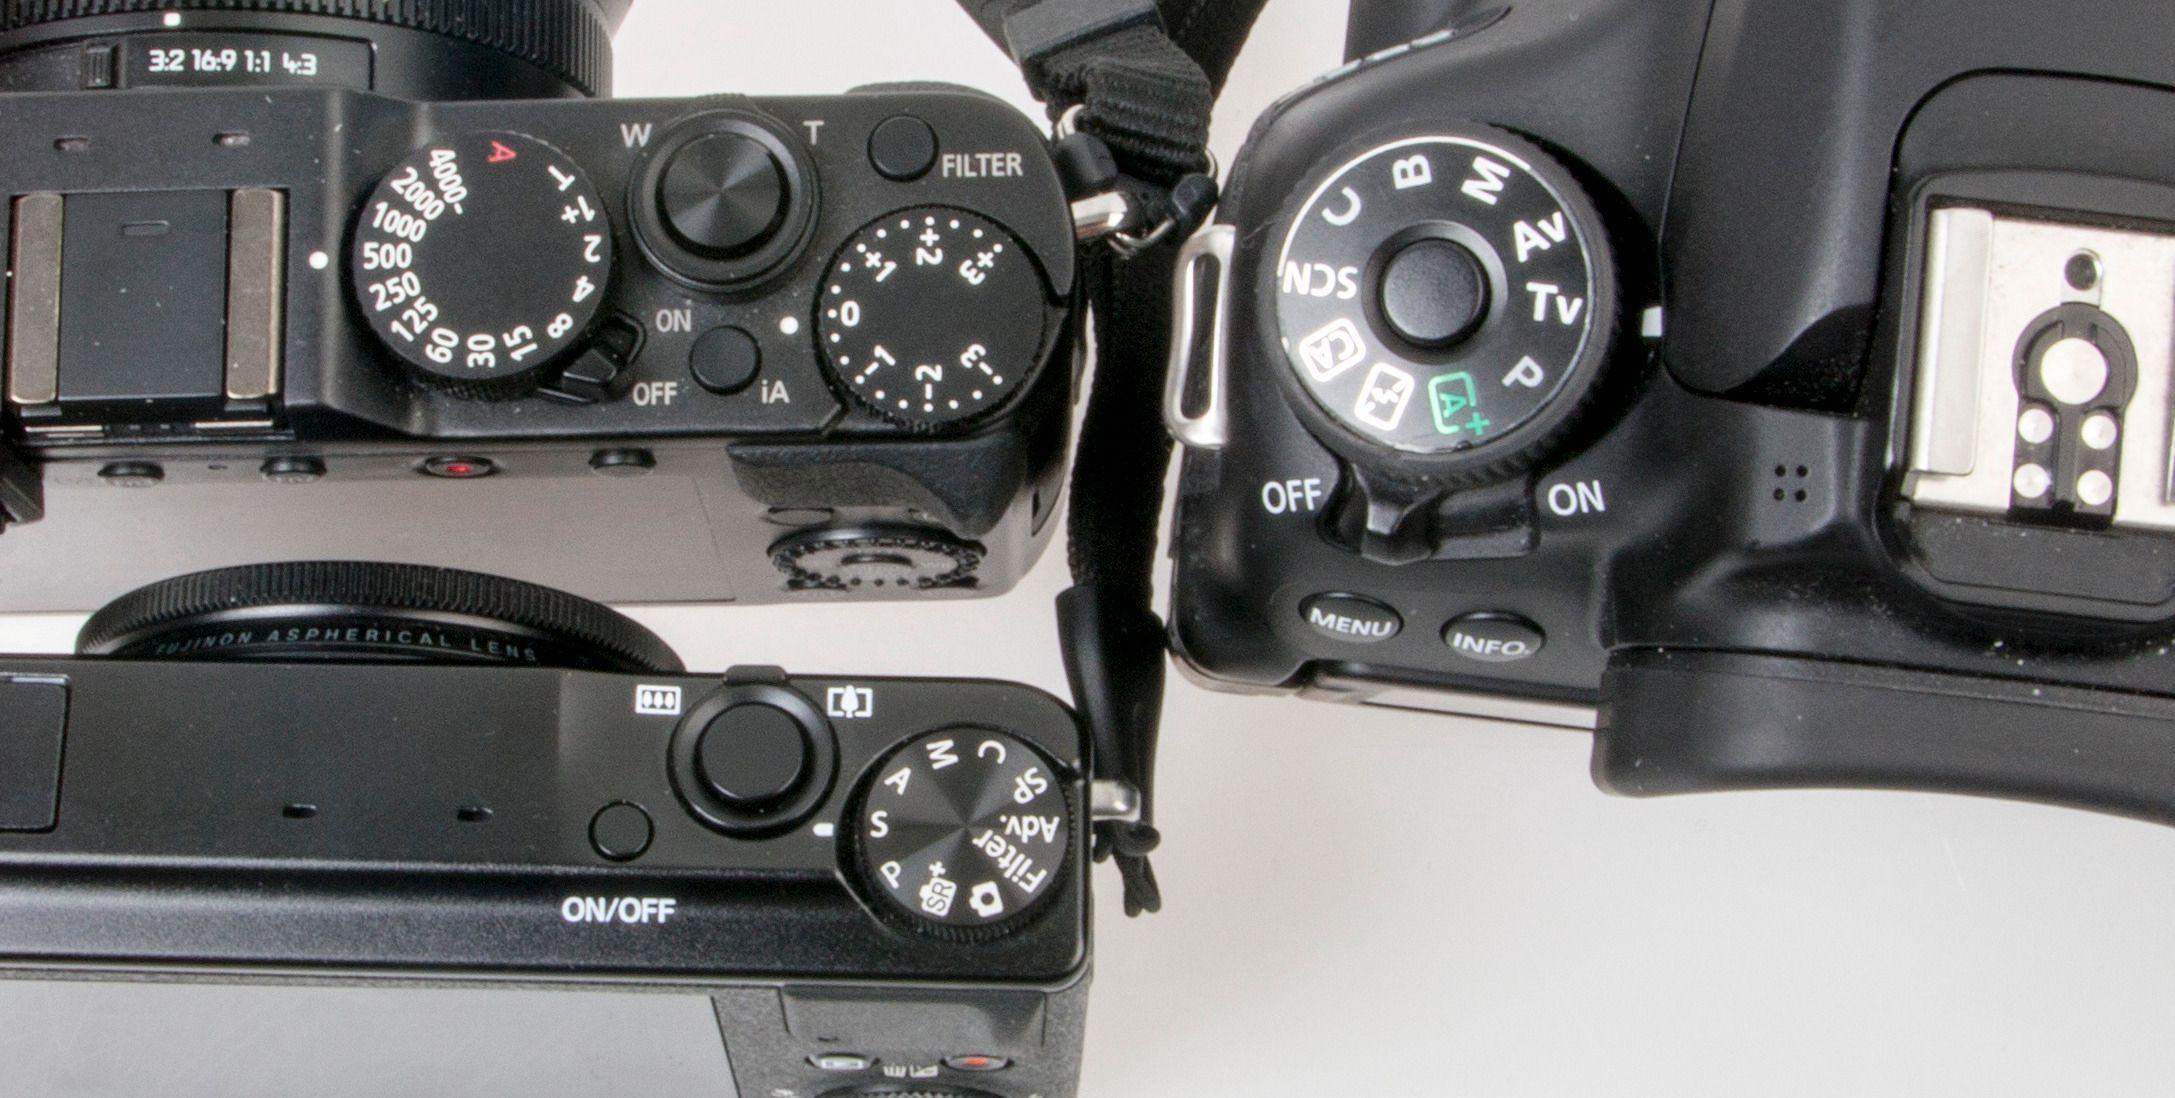 Se om kameraet har et modushjul der du kan velge mellom «S» («Tv» på Canon), «A» («Av» på Canon) og «M», eller dedikerte hjul for hver funksjon slik som for eksempel Panasonic LX100 (over til venstre). Foto: Kristoffer Møllevik